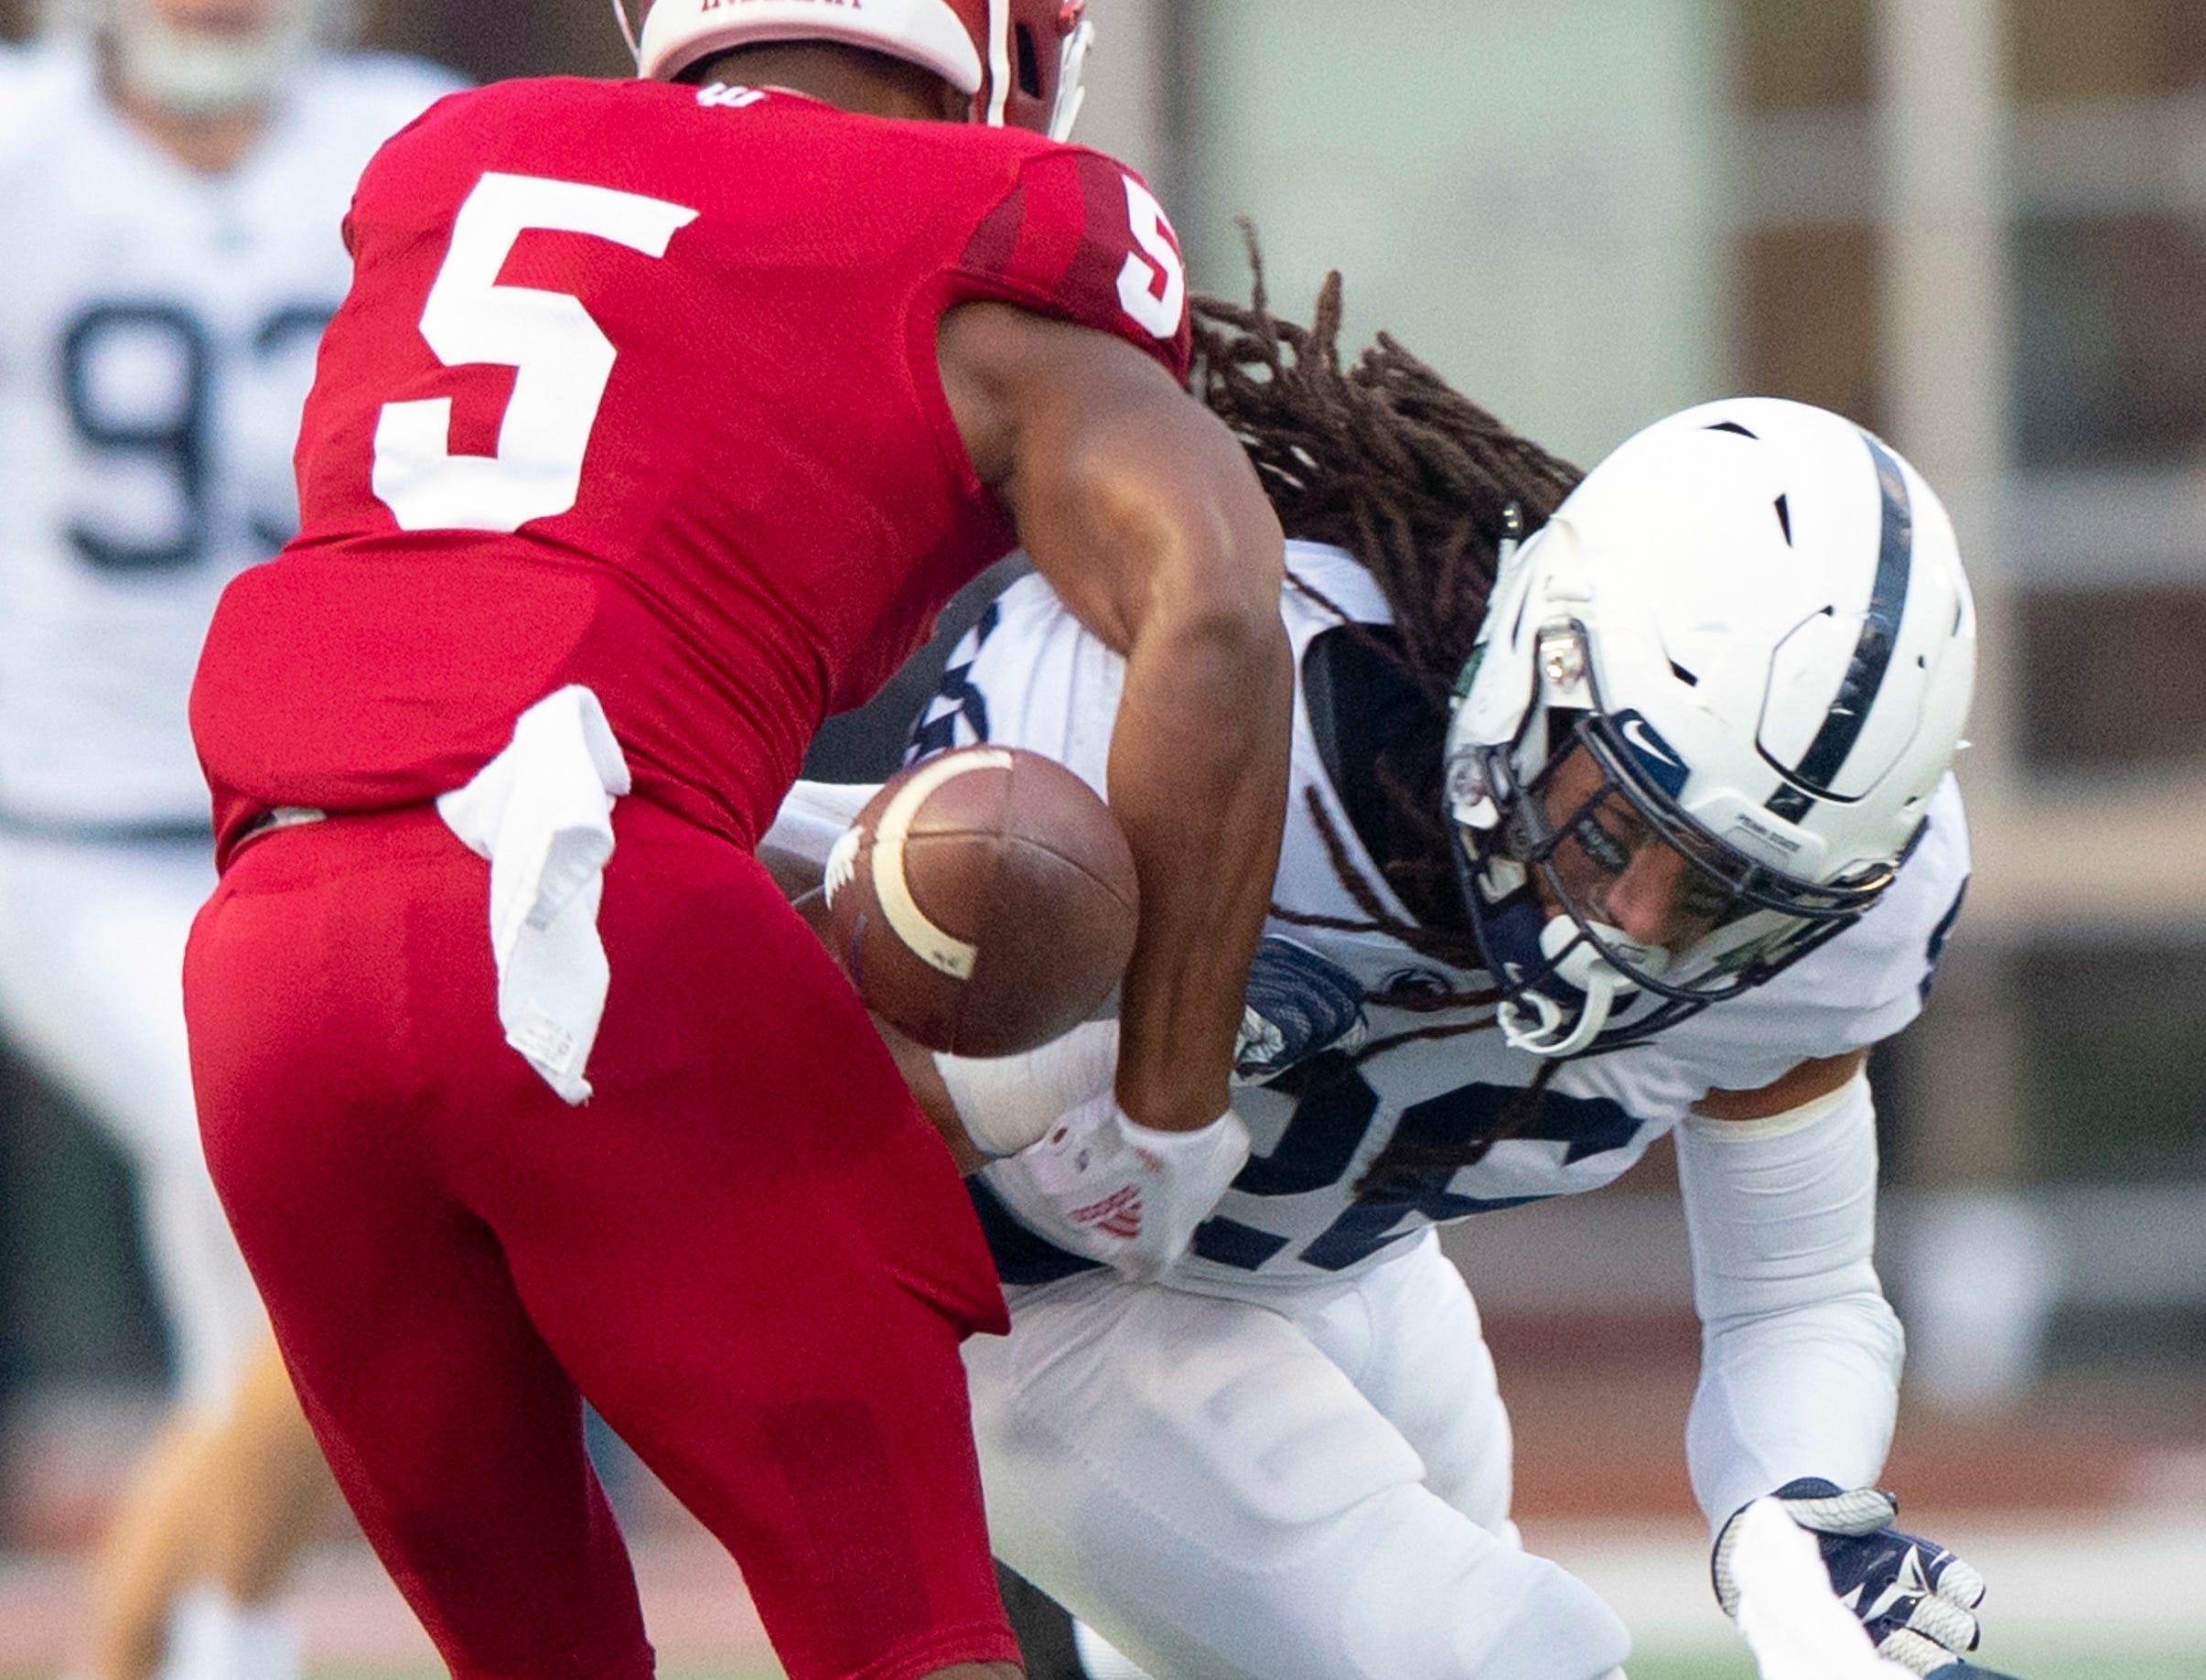 Hard-hitting Penn State freshman nicknamed 'The Assassin' set for first start vs. Iowa